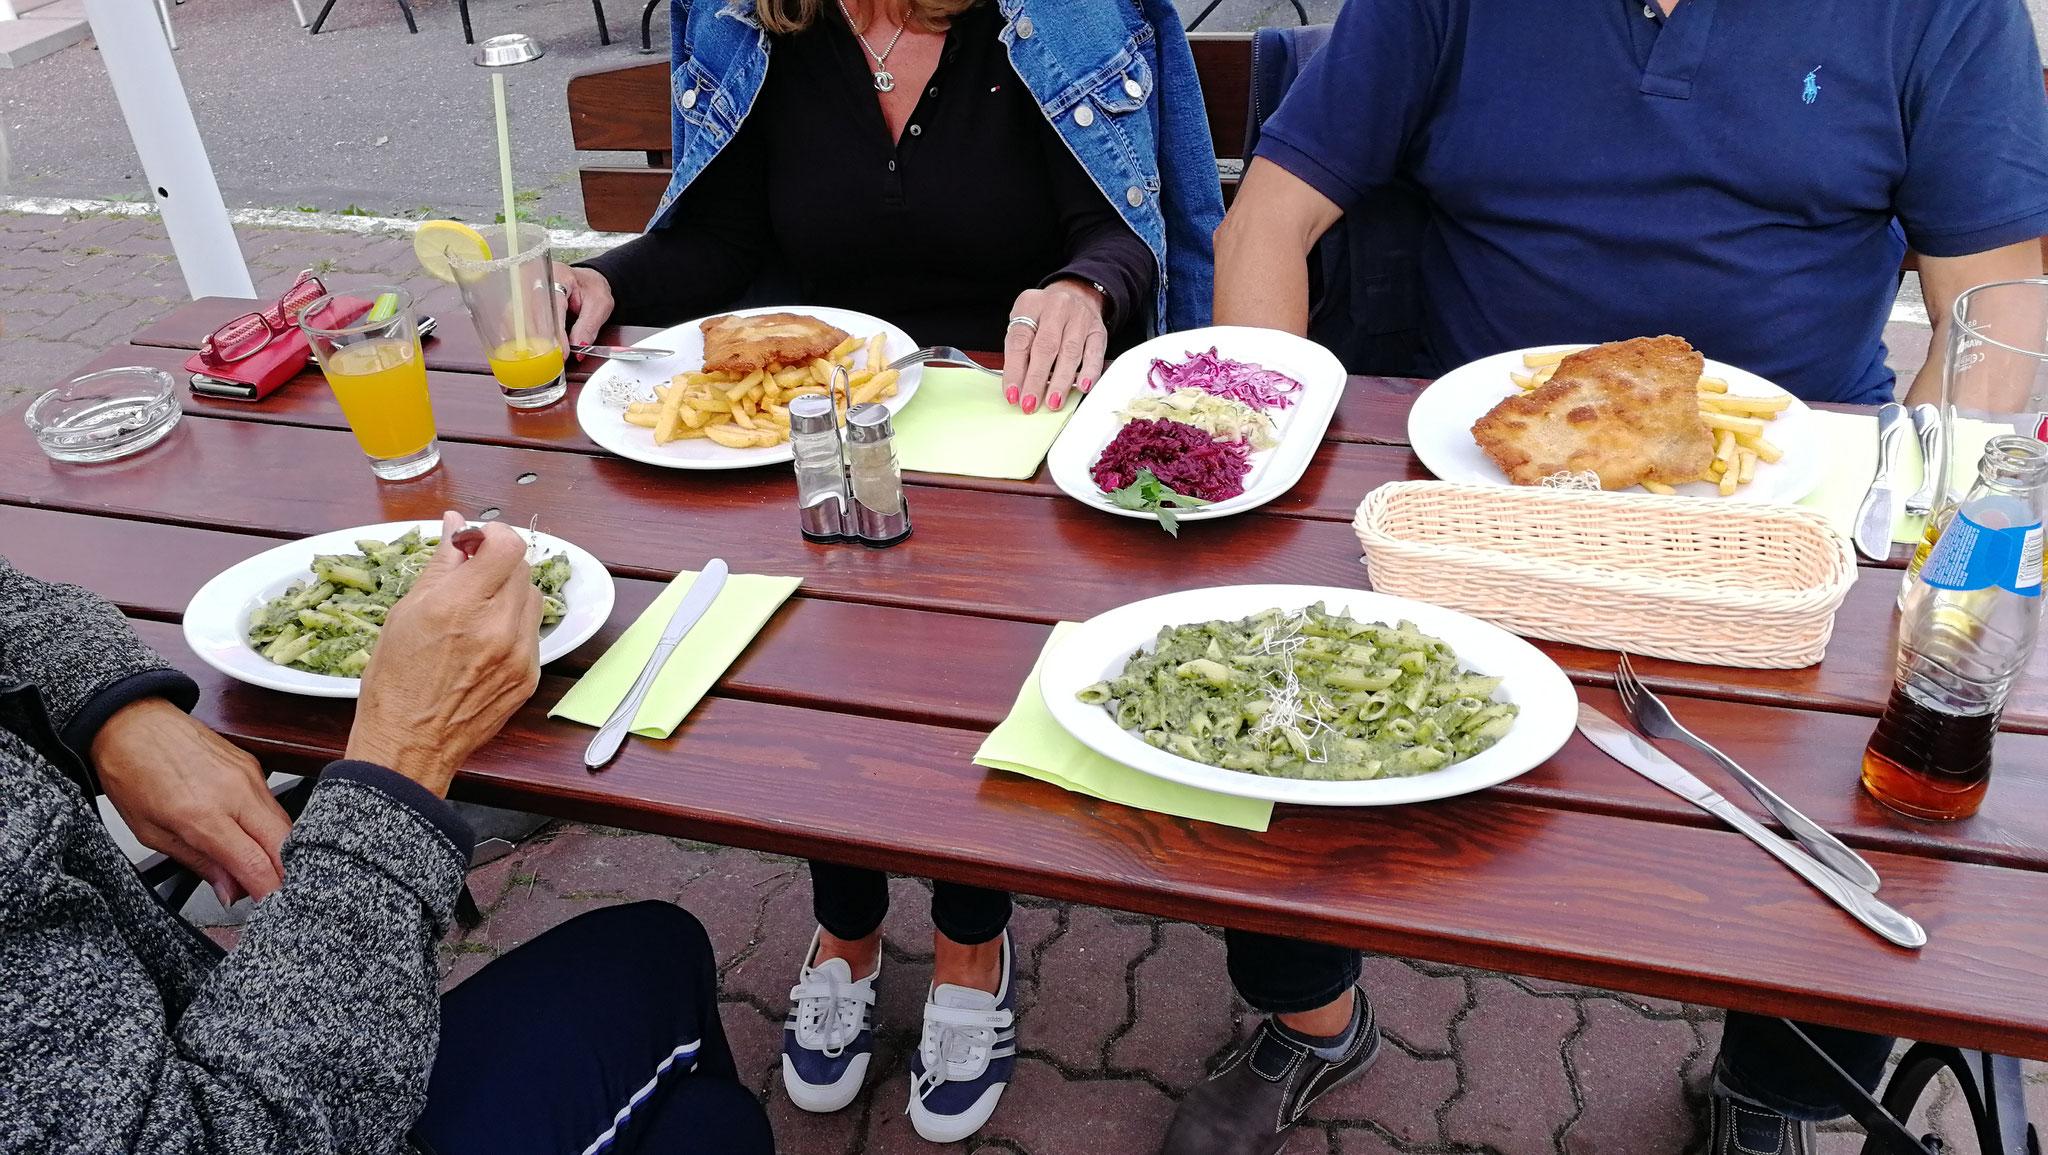 Essen in der Gaststätte am Platz